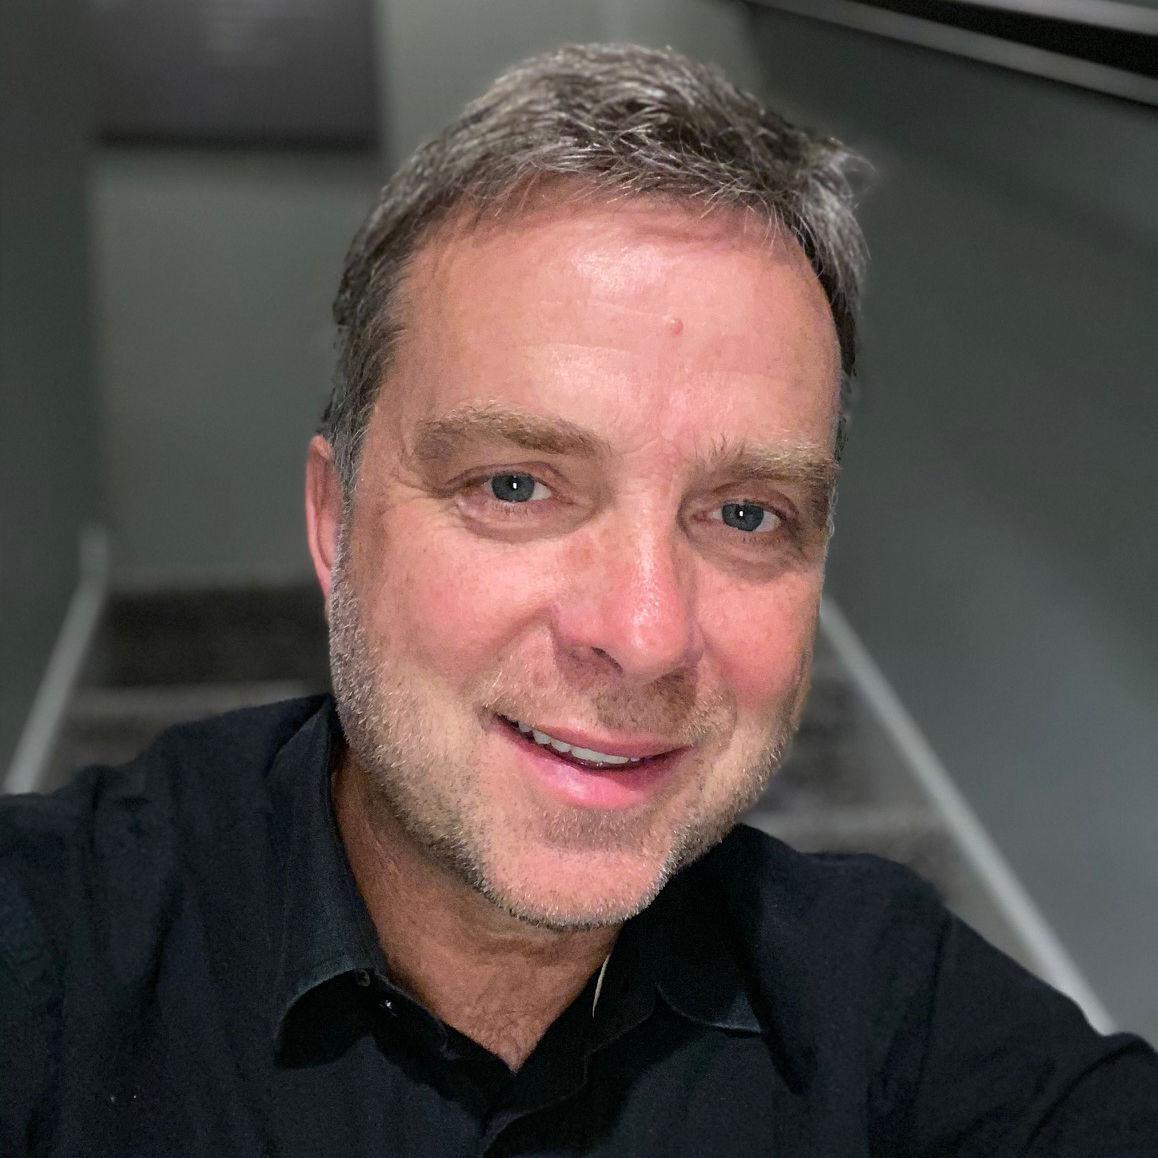 Dr. Alan Heisterkamp